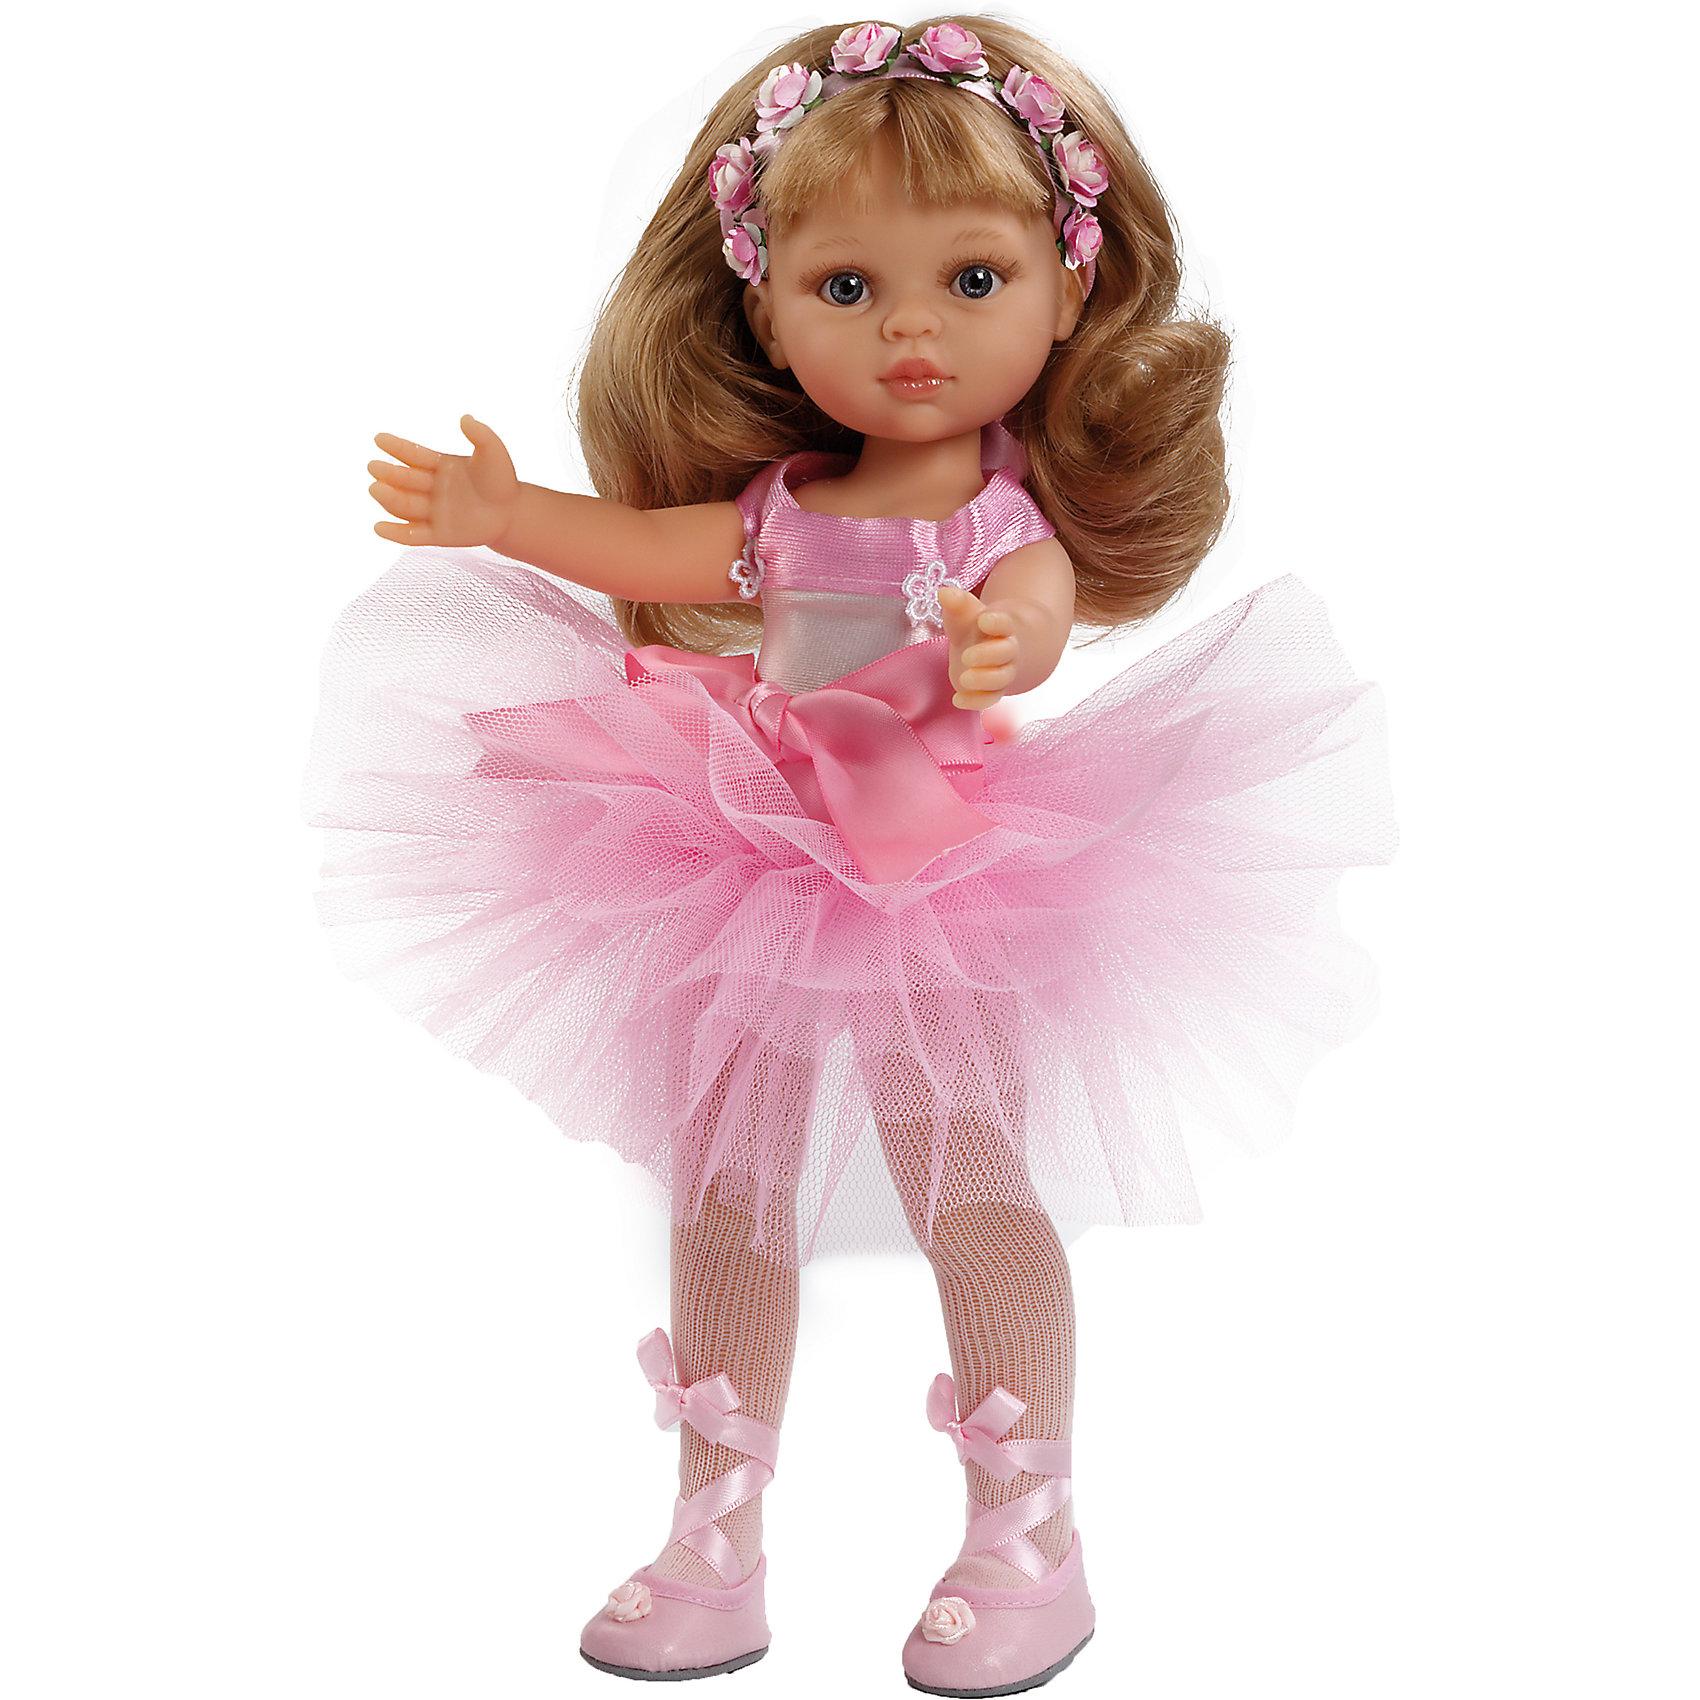 Кукла Карла балерина, 32см, Paola ReinaКлассические куклы<br>Эта очаровательная куколка приведет в восторг любую девочку! Малышка Карла обожает танцевать. Она одета в чудесное балетное платье, с пышной юбкой, и обтягивающим лифом, декорированным нежными бантами. На ногах - белые колготы и пуанты с атласными лентами. Голову куколки украшает лента украшенная прекрасными цветами. Длинные белокурые волосы куклы очень приятно расчесывать и создавать из них всевозможные прически. Куклы Паола Рейна имеют нежный ванильный аромат, одеты в модную одежду с аксессуарами. Выразительная мимика, уникальный и неповторимый дизайн лица и тела делают эти игрушки запоминающимися и уникальными. Куклы изготовлены из высококачественного винила, без вредных примесей, абсолютно безопасны для детей. <br><br>Дополнительная информация:<br><br>- Материалы: кукла изготовлена из винила; глаза выполнены в виде кристалла из прозрачного твердого пластика; волосы сделаны из высококачественного нейлона, одежда - текстиль.<br>- Размер: 32 см.<br>- Комплектация: кукла в одежде и обуви. <br>- Голова, ручки, ножки куклы подвижные.<br>- Глаза не закрываются.<br><br>Куклу Карлу балерину, 32 см, Paola Reina (Паола Рейна), можно купить в нашем магазине.<br><br>Ширина мм: 110<br>Глубина мм: 230<br>Высота мм: 410<br>Вес г: 667<br>Возраст от месяцев: 36<br>Возраст до месяцев: 144<br>Пол: Женский<br>Возраст: Детский<br>SKU: 4420318